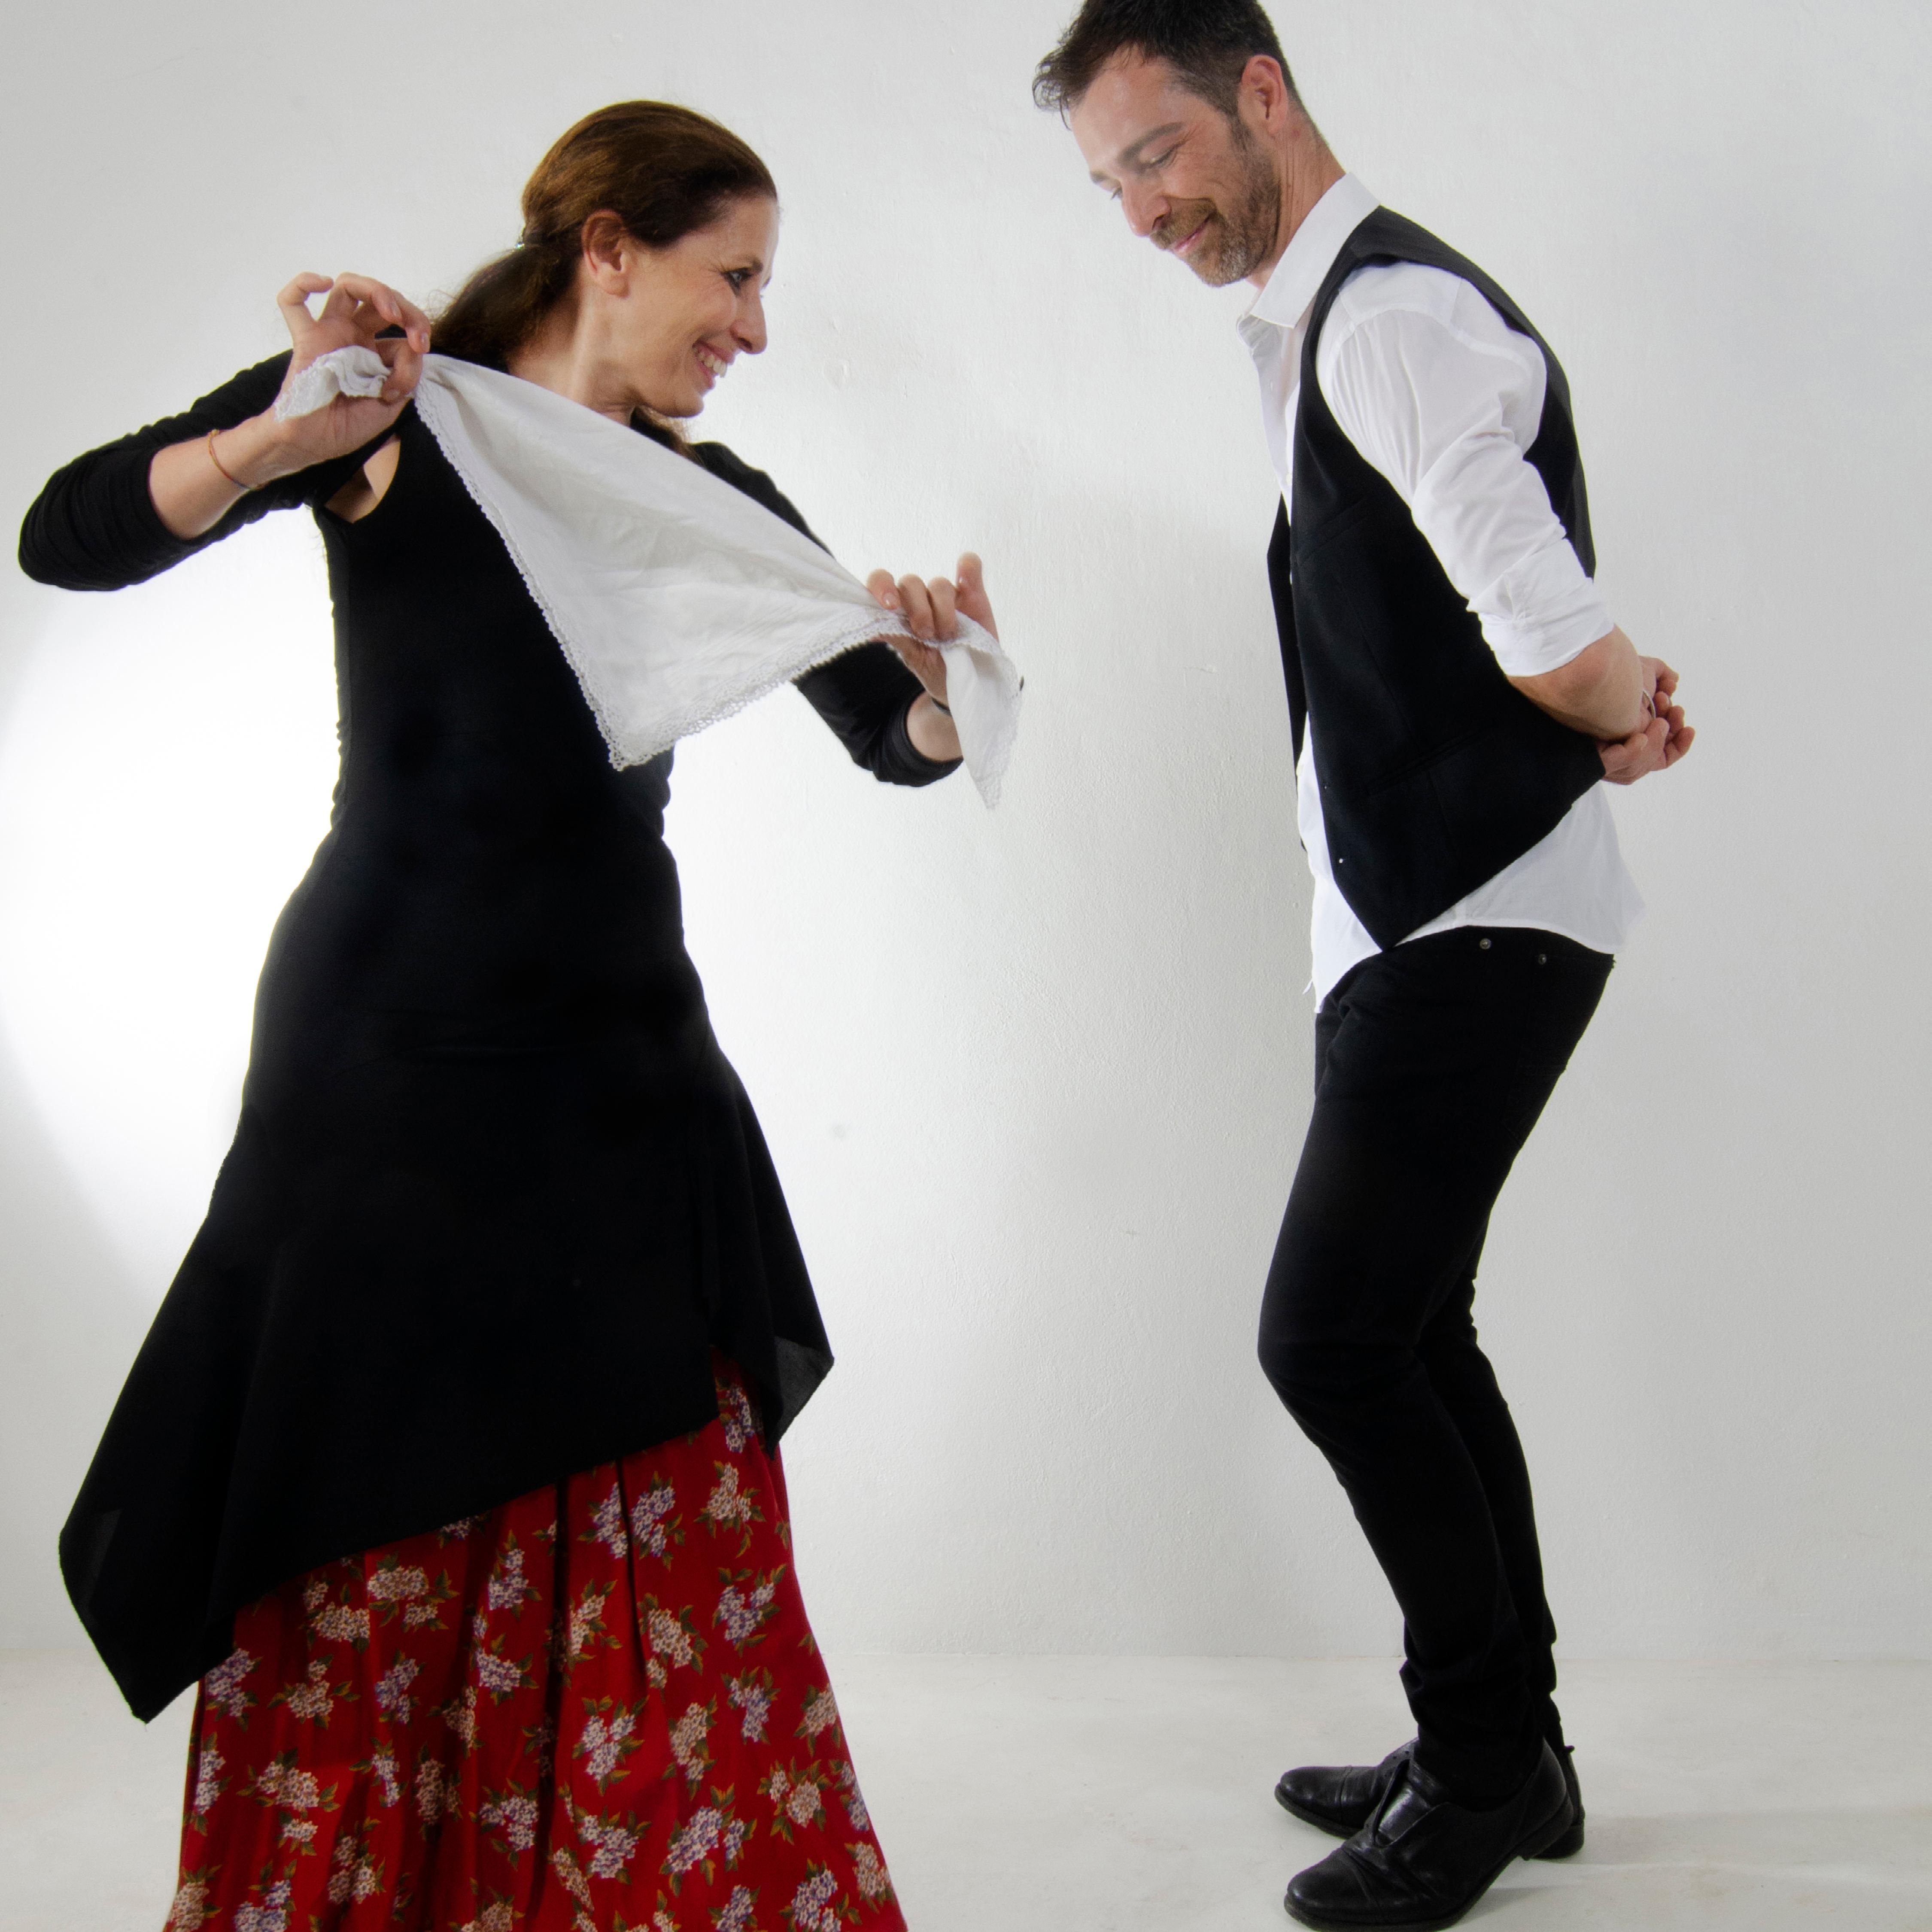 Terra ballerina laboratorio di pizzica - Mura Festival